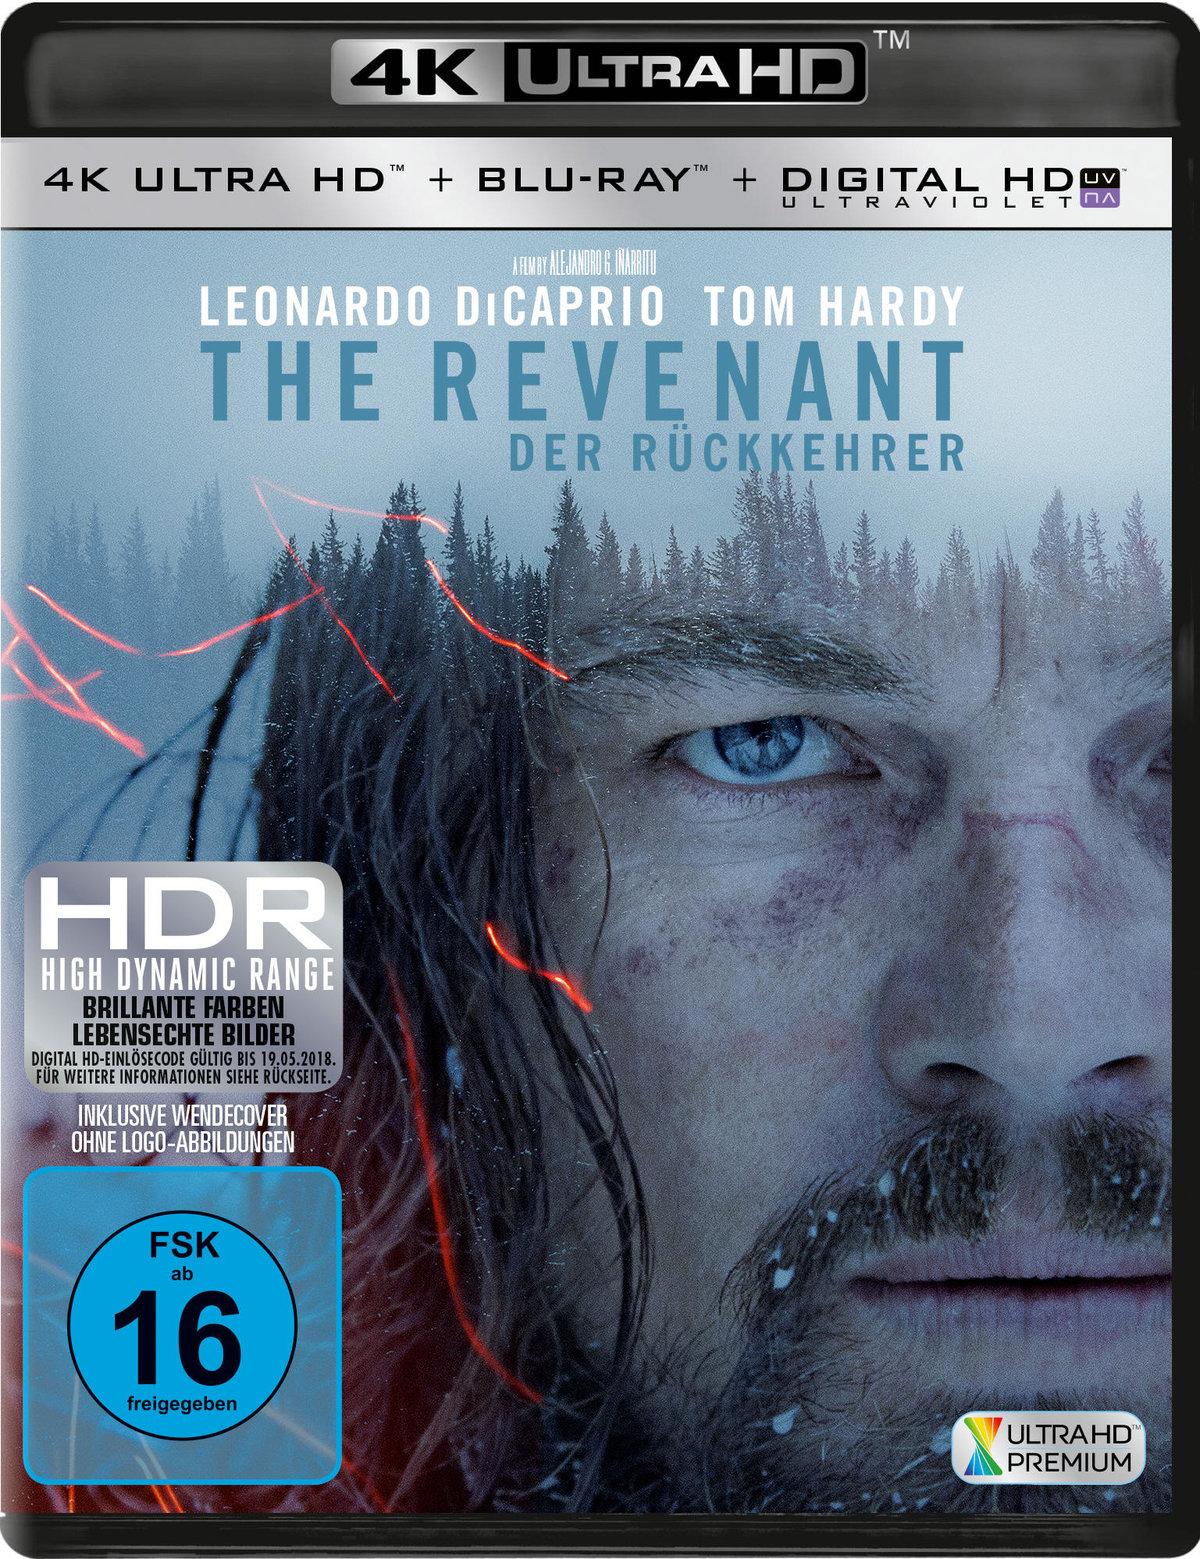 The Revenant - Der Rückkehrer 4K (2015) - (4K Ultra HD & Blu-ray)